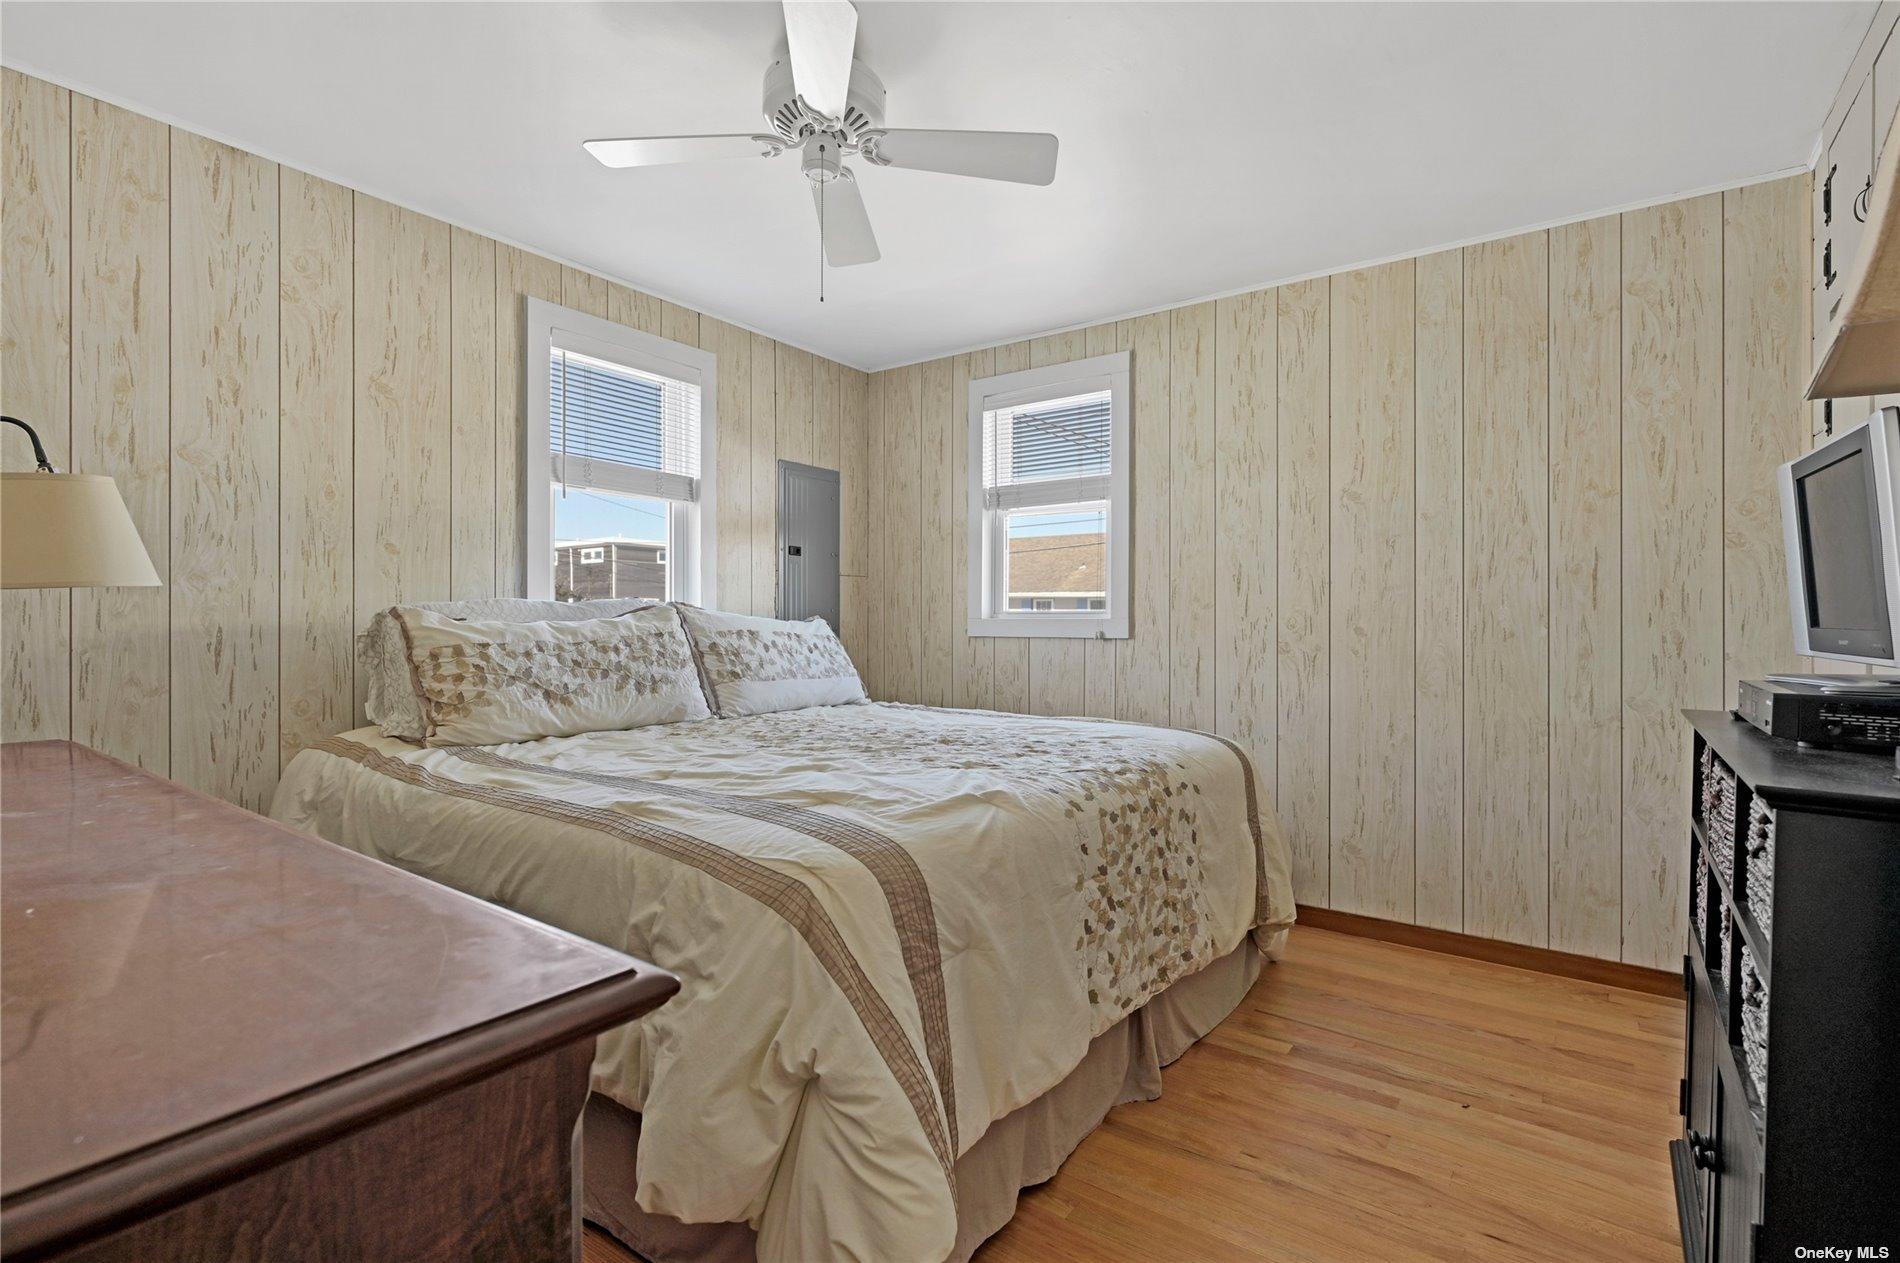 21 Bay Road, Westhampton Bch, NY Westhampton Bch, NY 11978